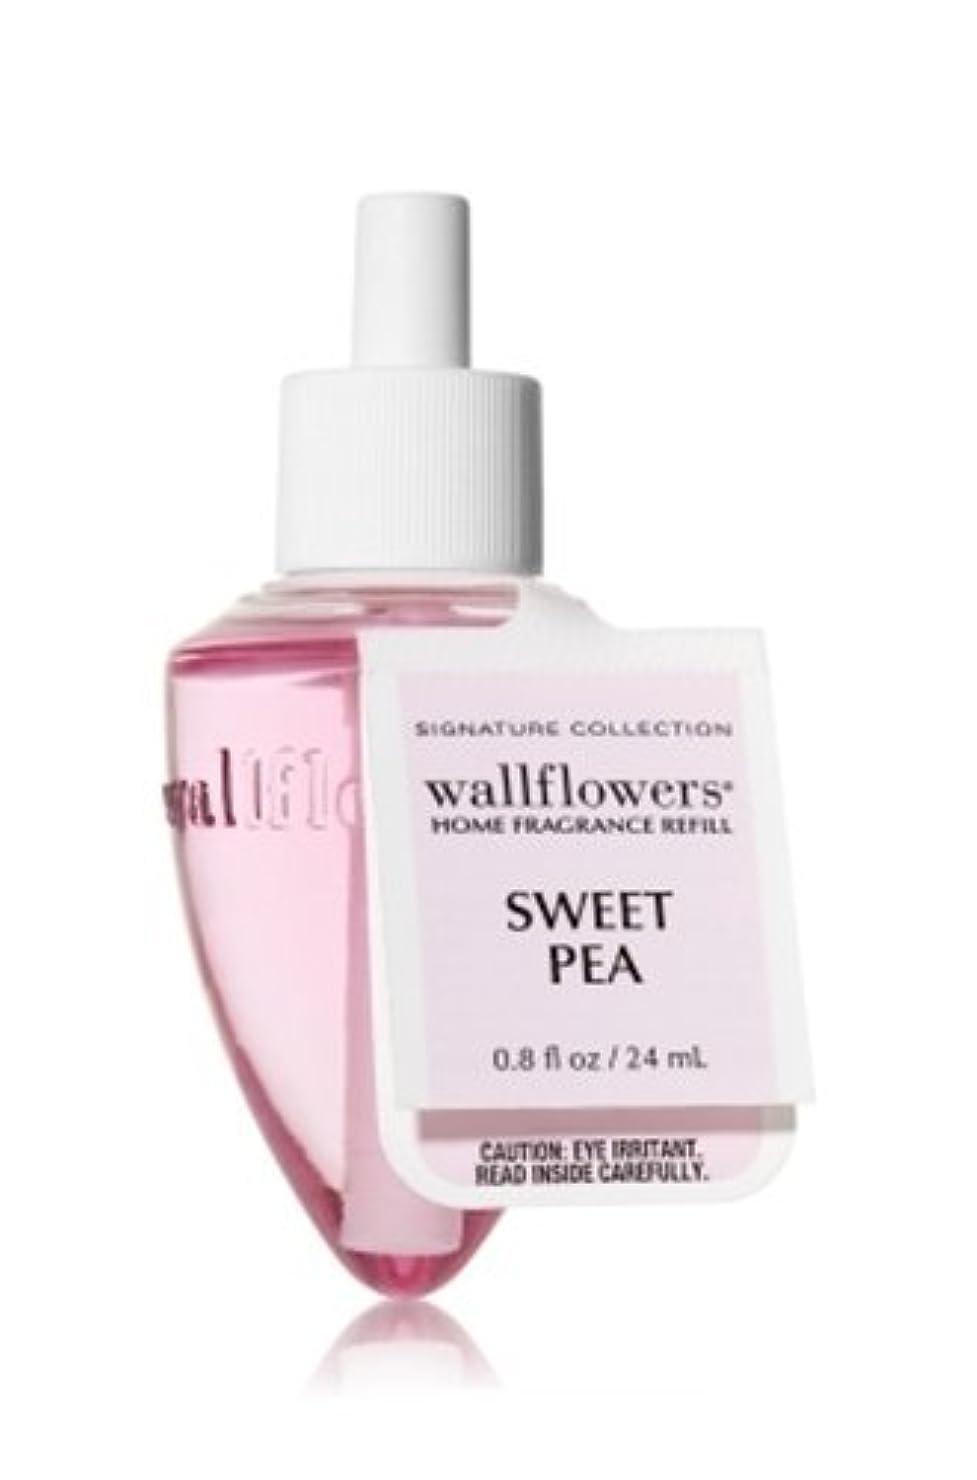 悪名高いブレーキジョグBath & Body Works(バス&ボディワークス)スイートピー ホームフレグランス レフィル(本体は別売りです)Sweet Pea Wallflowers Refill Single Bottles [並行輸入品]